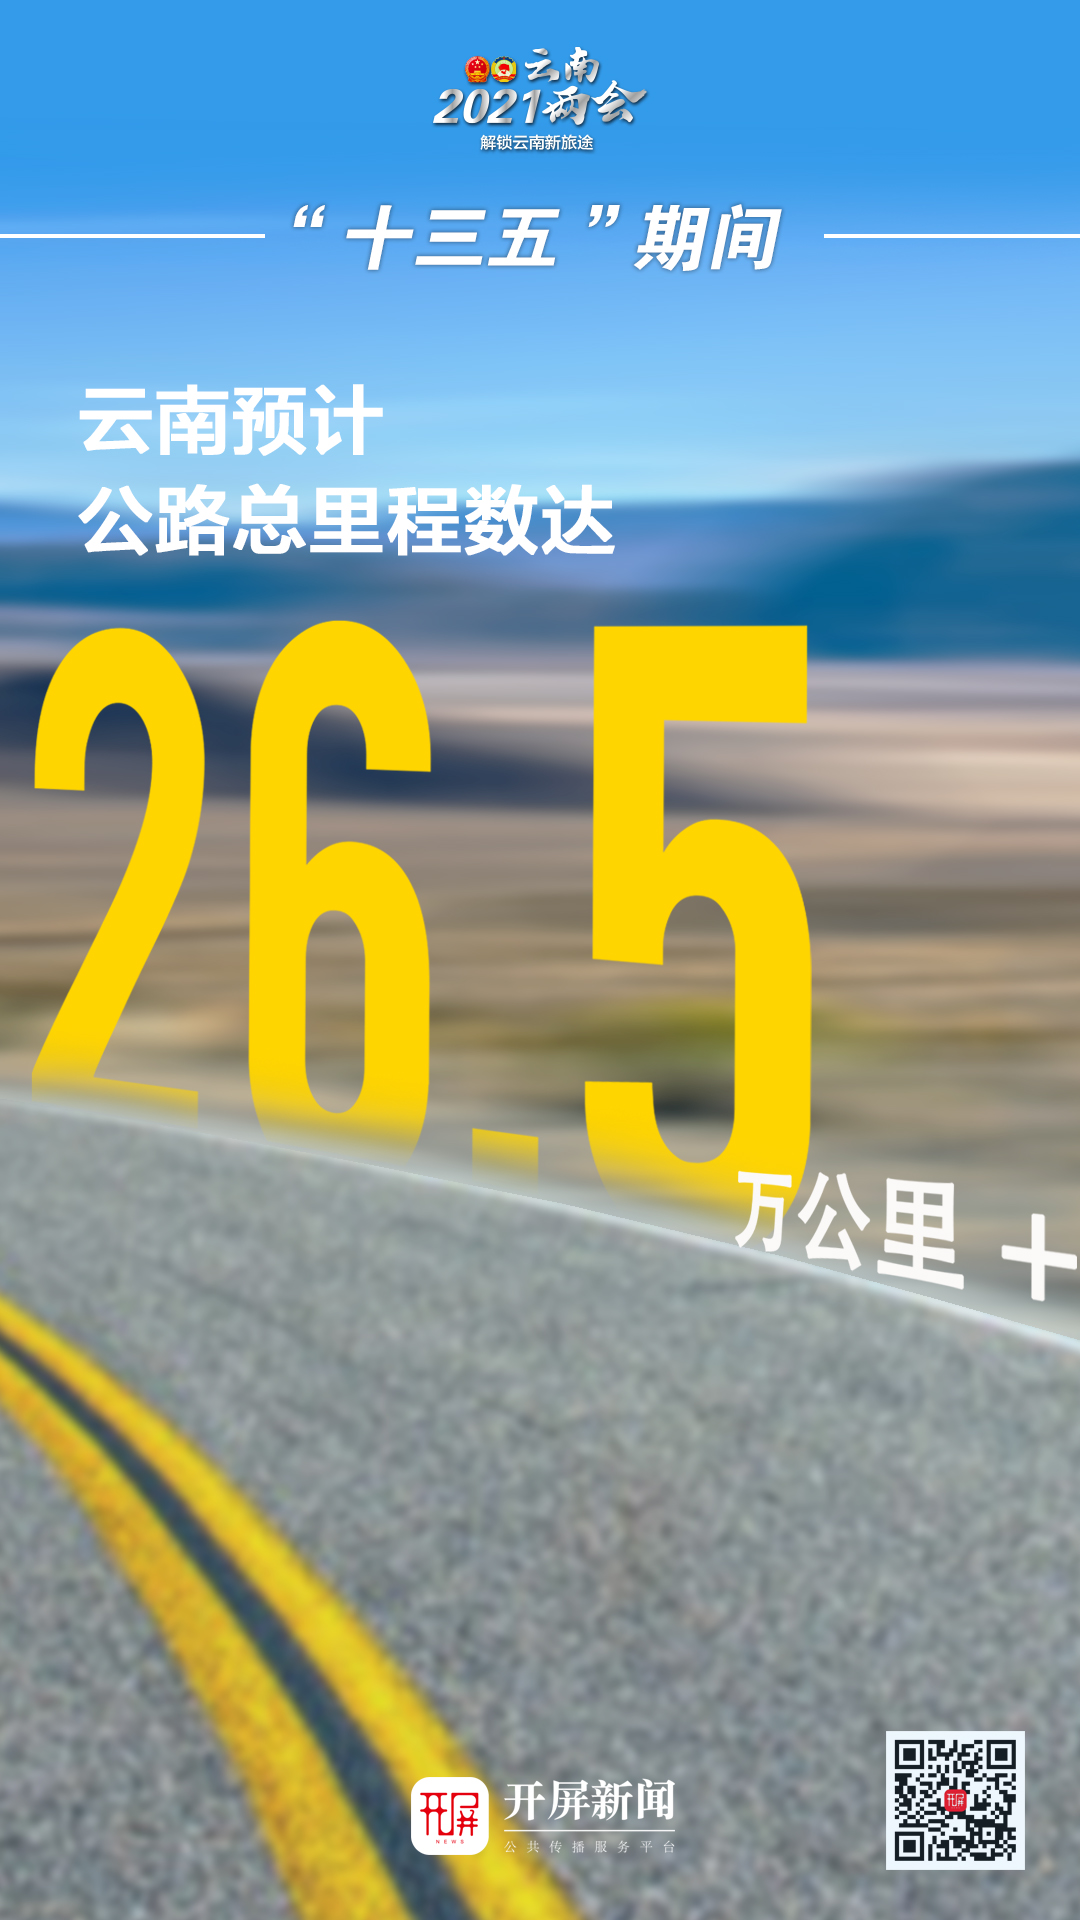 解锁云南新旅途